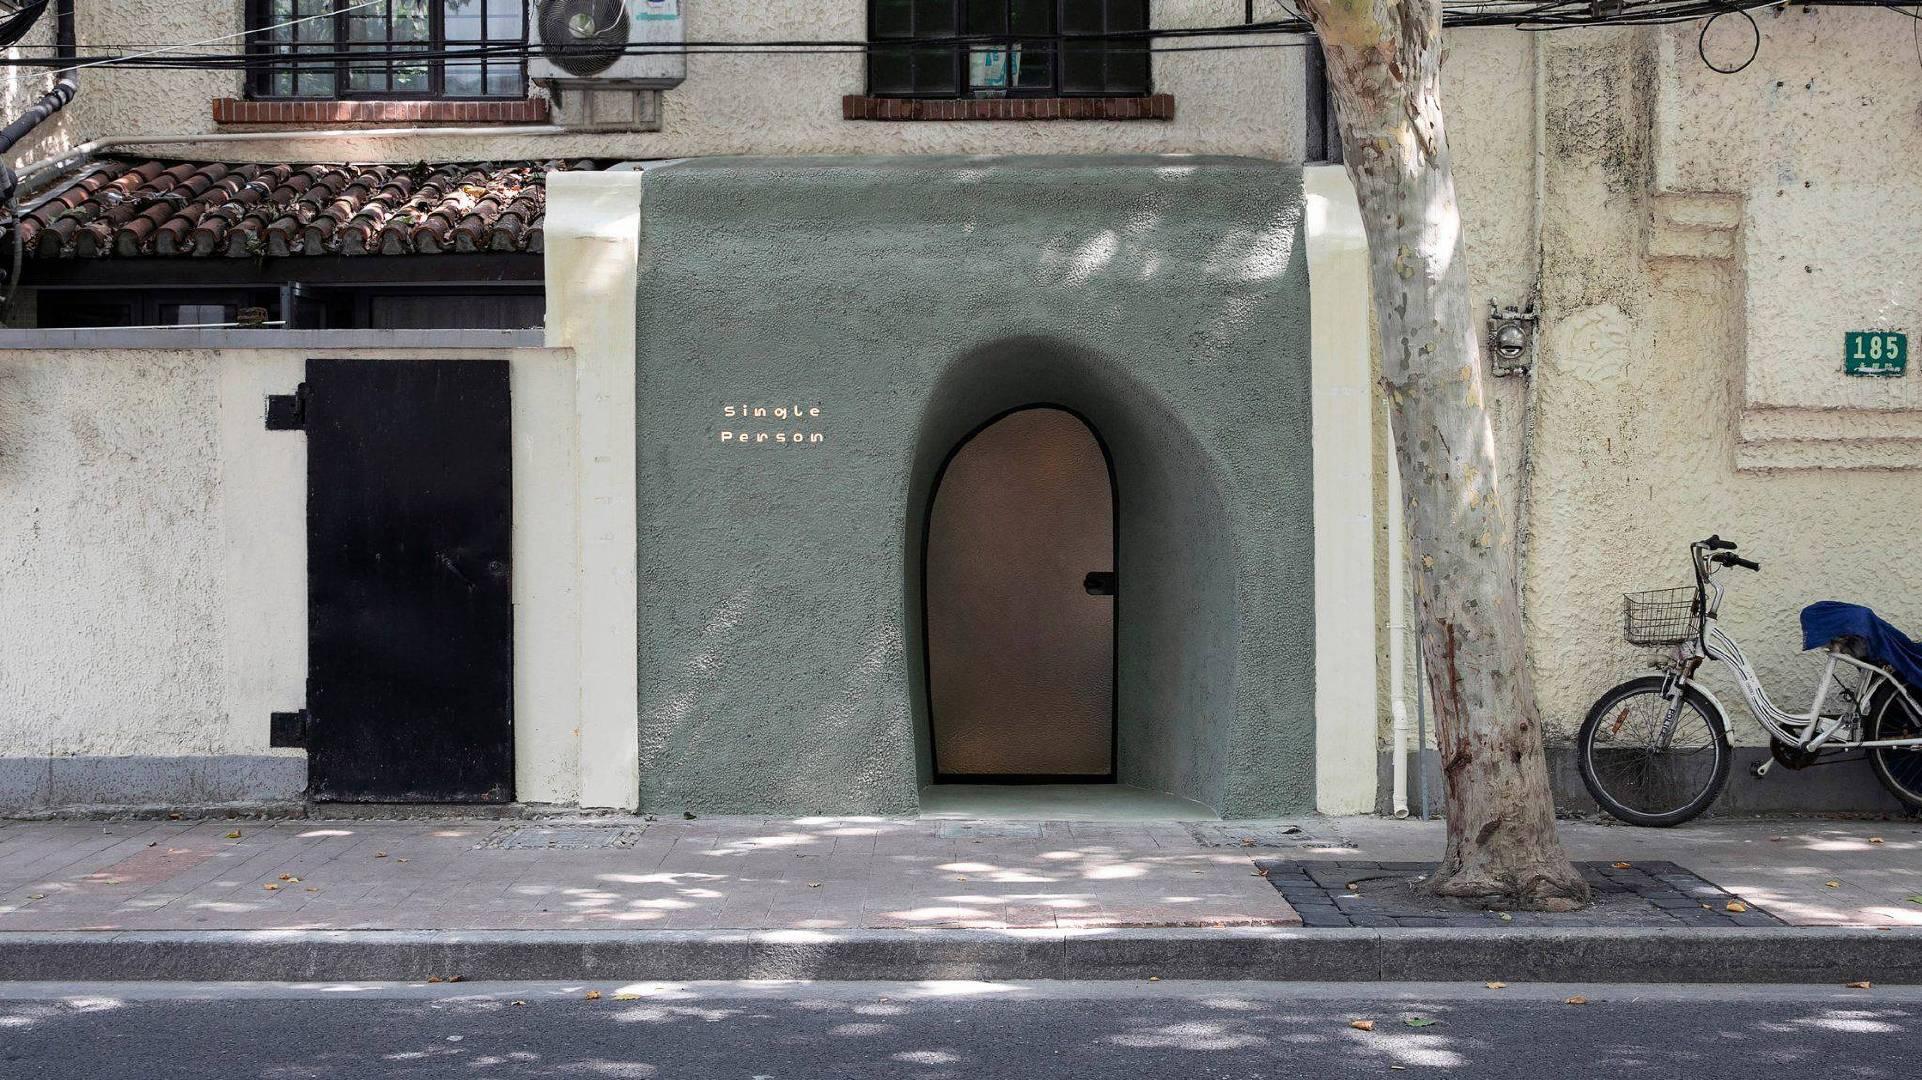 洞穴画廊室内设计工作室 Offhand Practice 在上海画廊内创建了带纹